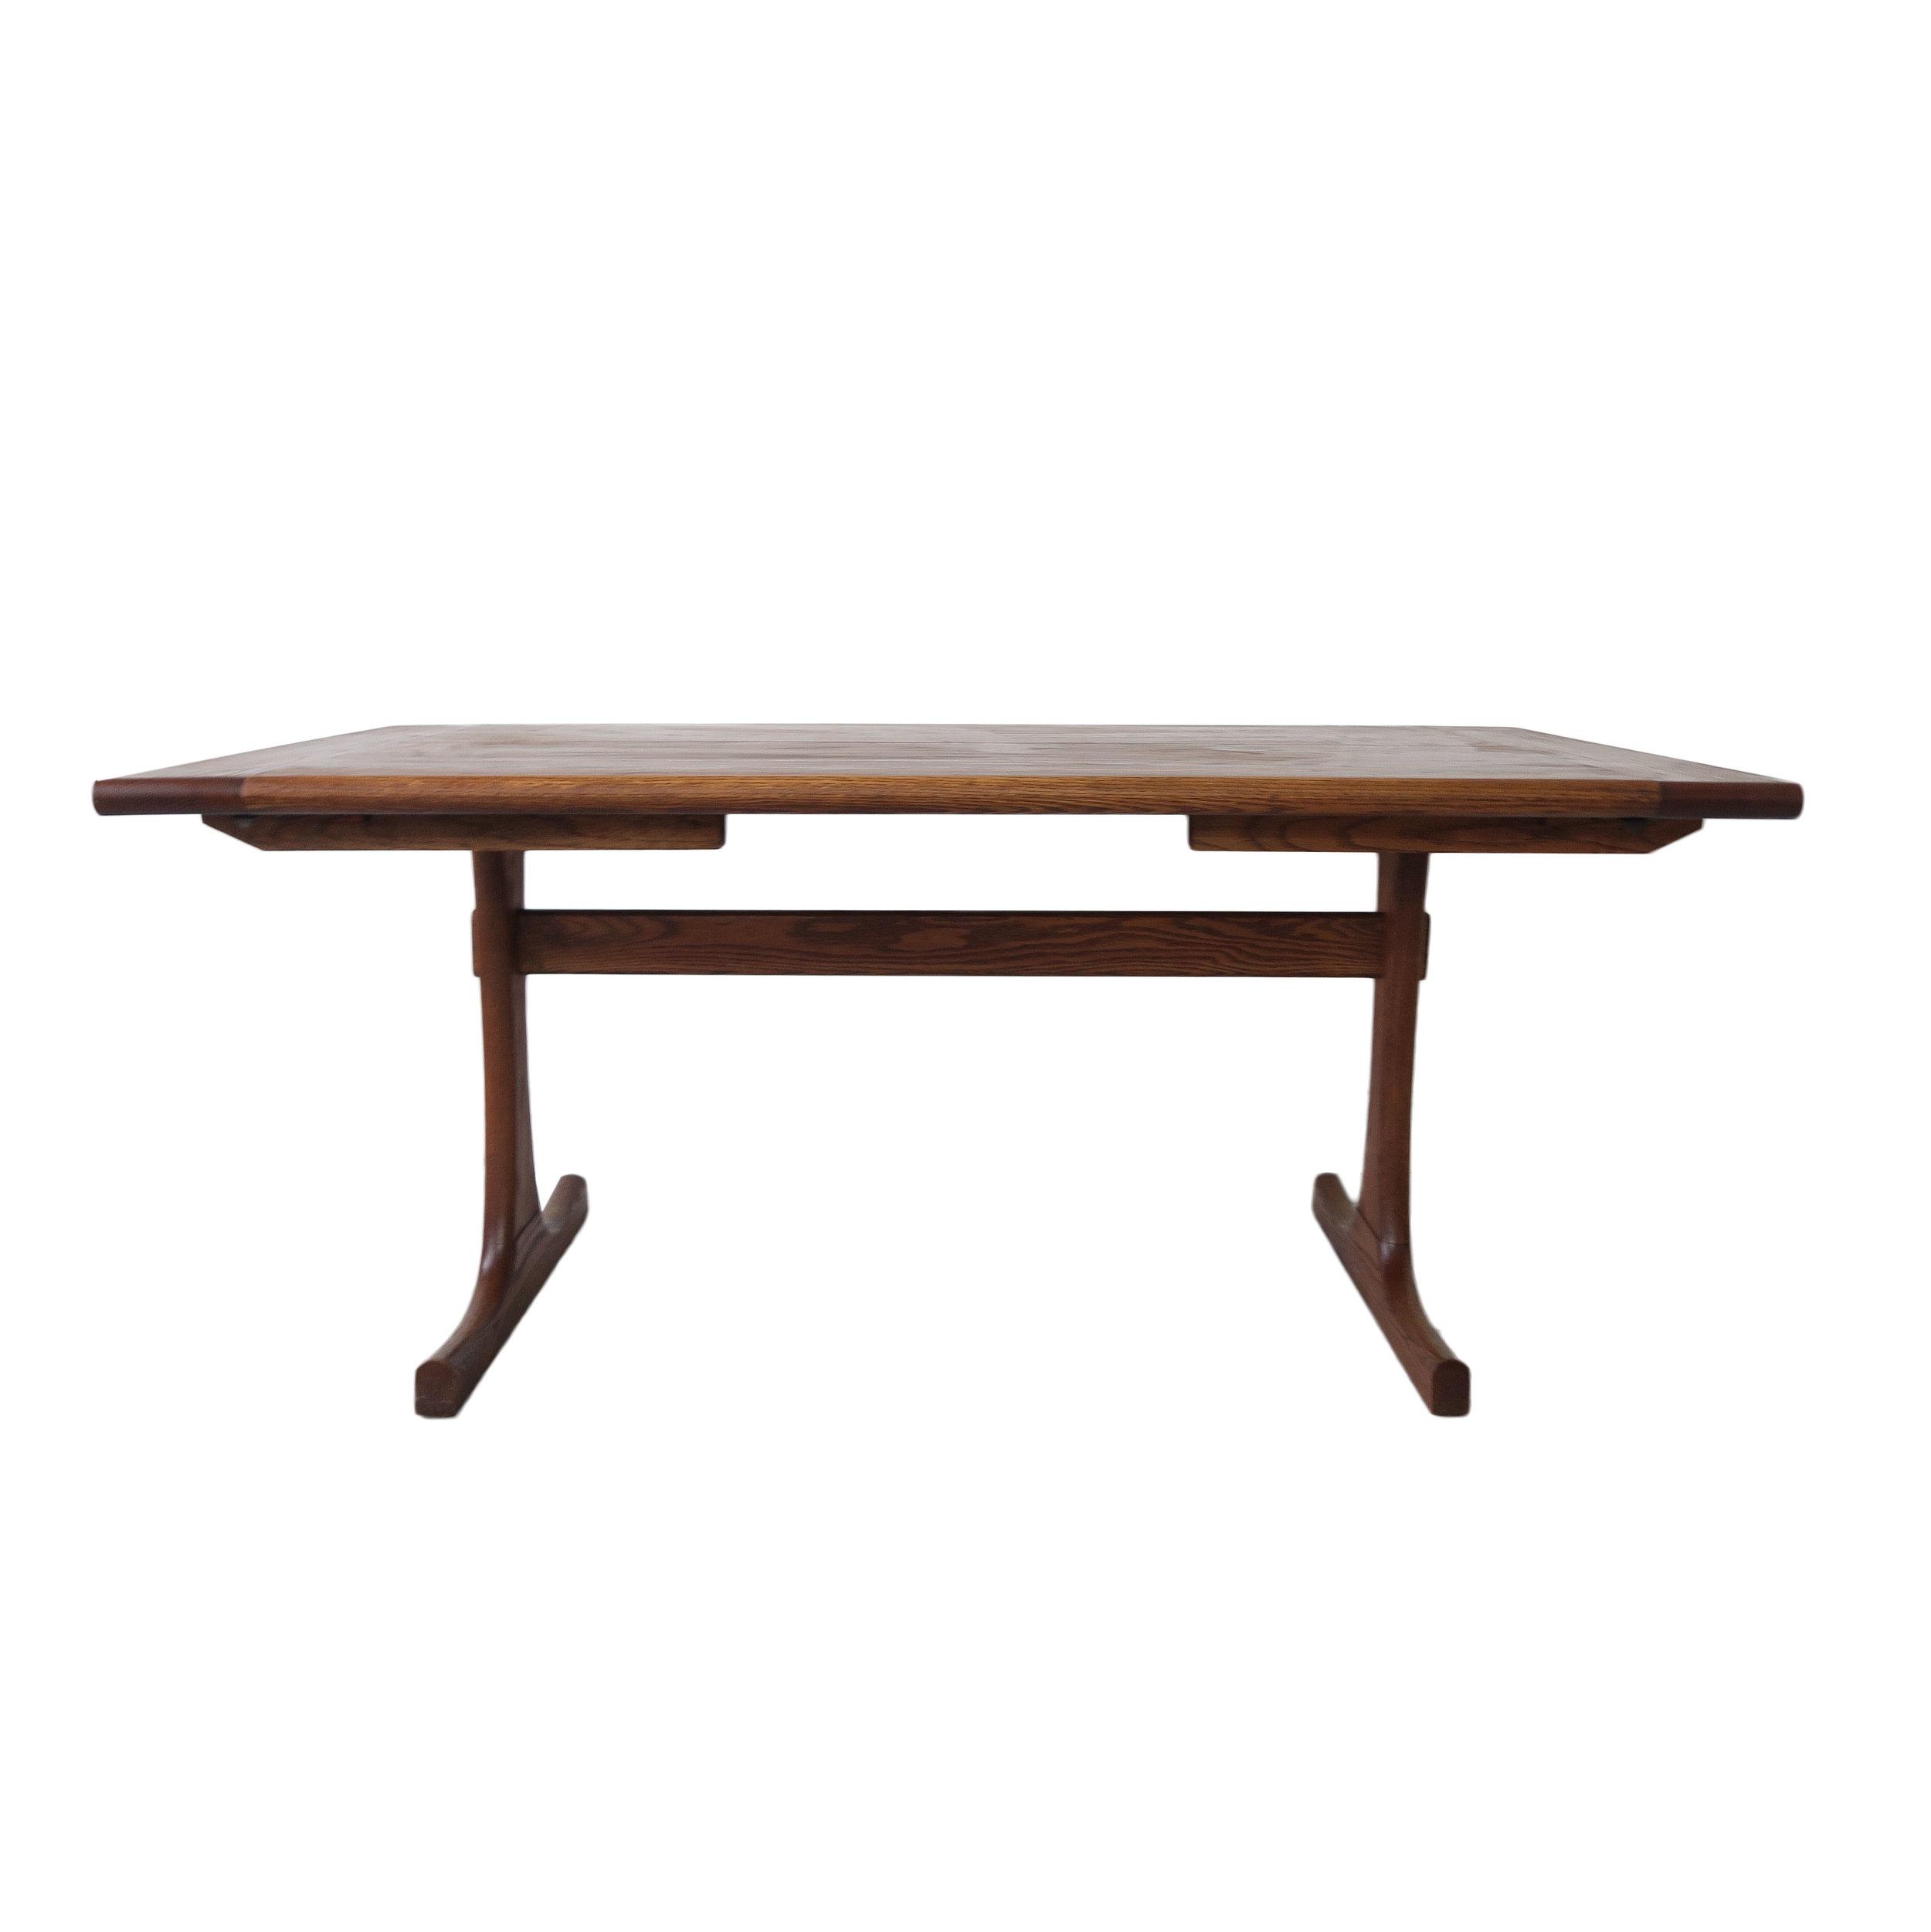 vintage farmhouse dining table.jpg